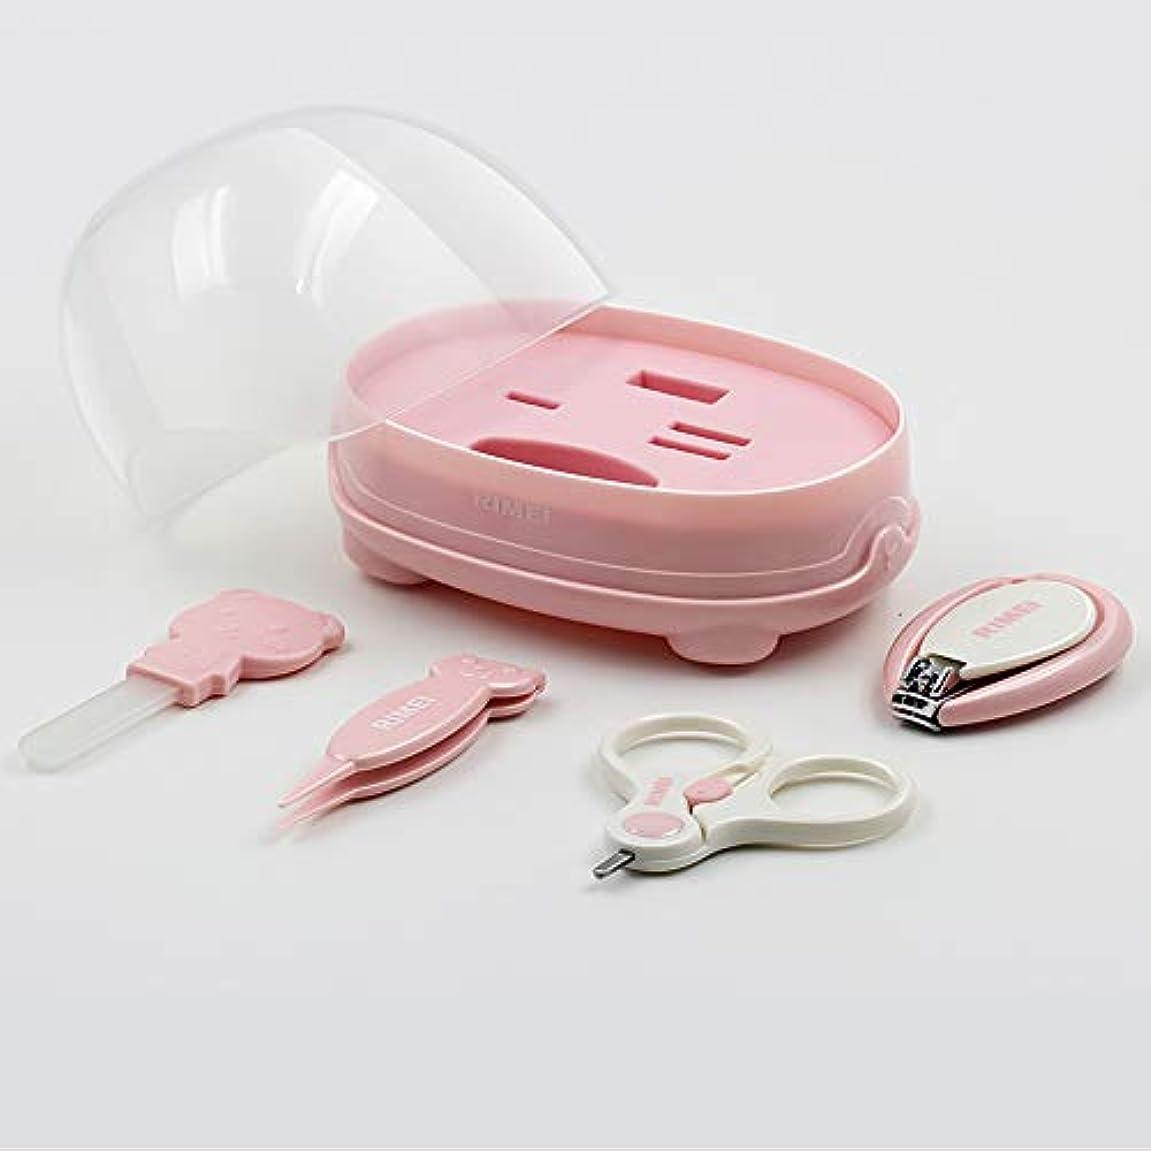 先入観ナビゲーション浅いJinda Rimeiの赤ん坊の爪切りセット、新生児の反かみ傷の釘のカッターセットの赤ん坊の幼児の特別な釘のはさみ,ピンク